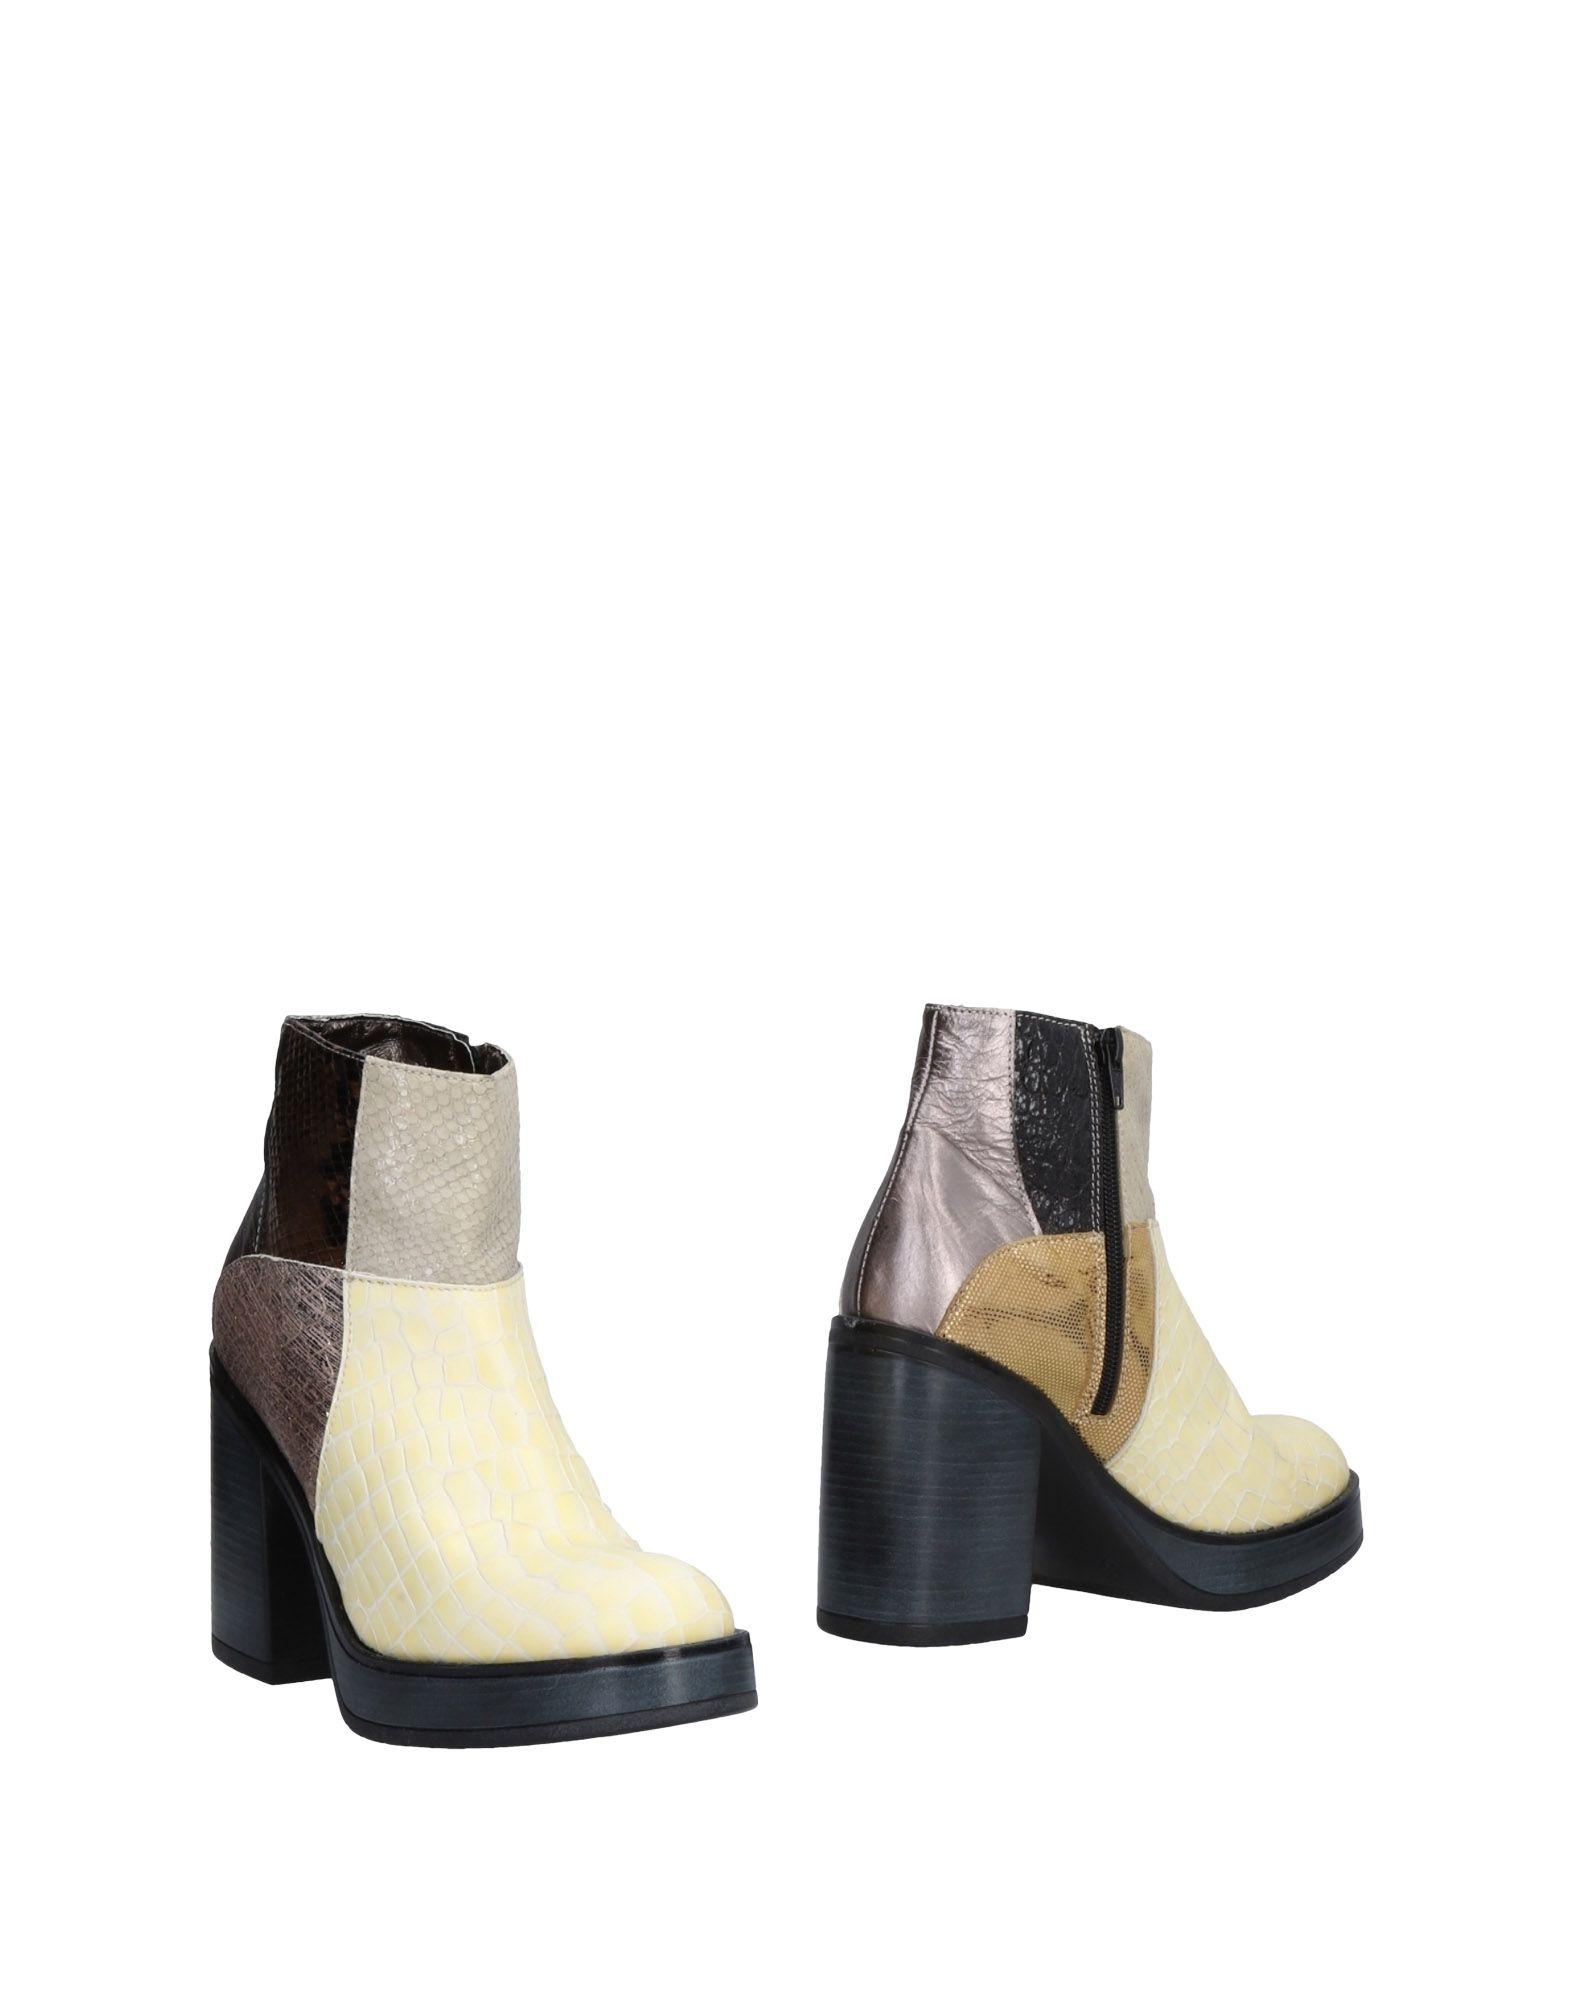 Moda Stivaletti Ebarrito Ebarrito Stivaletti Donna - 11458661TT ba71f5